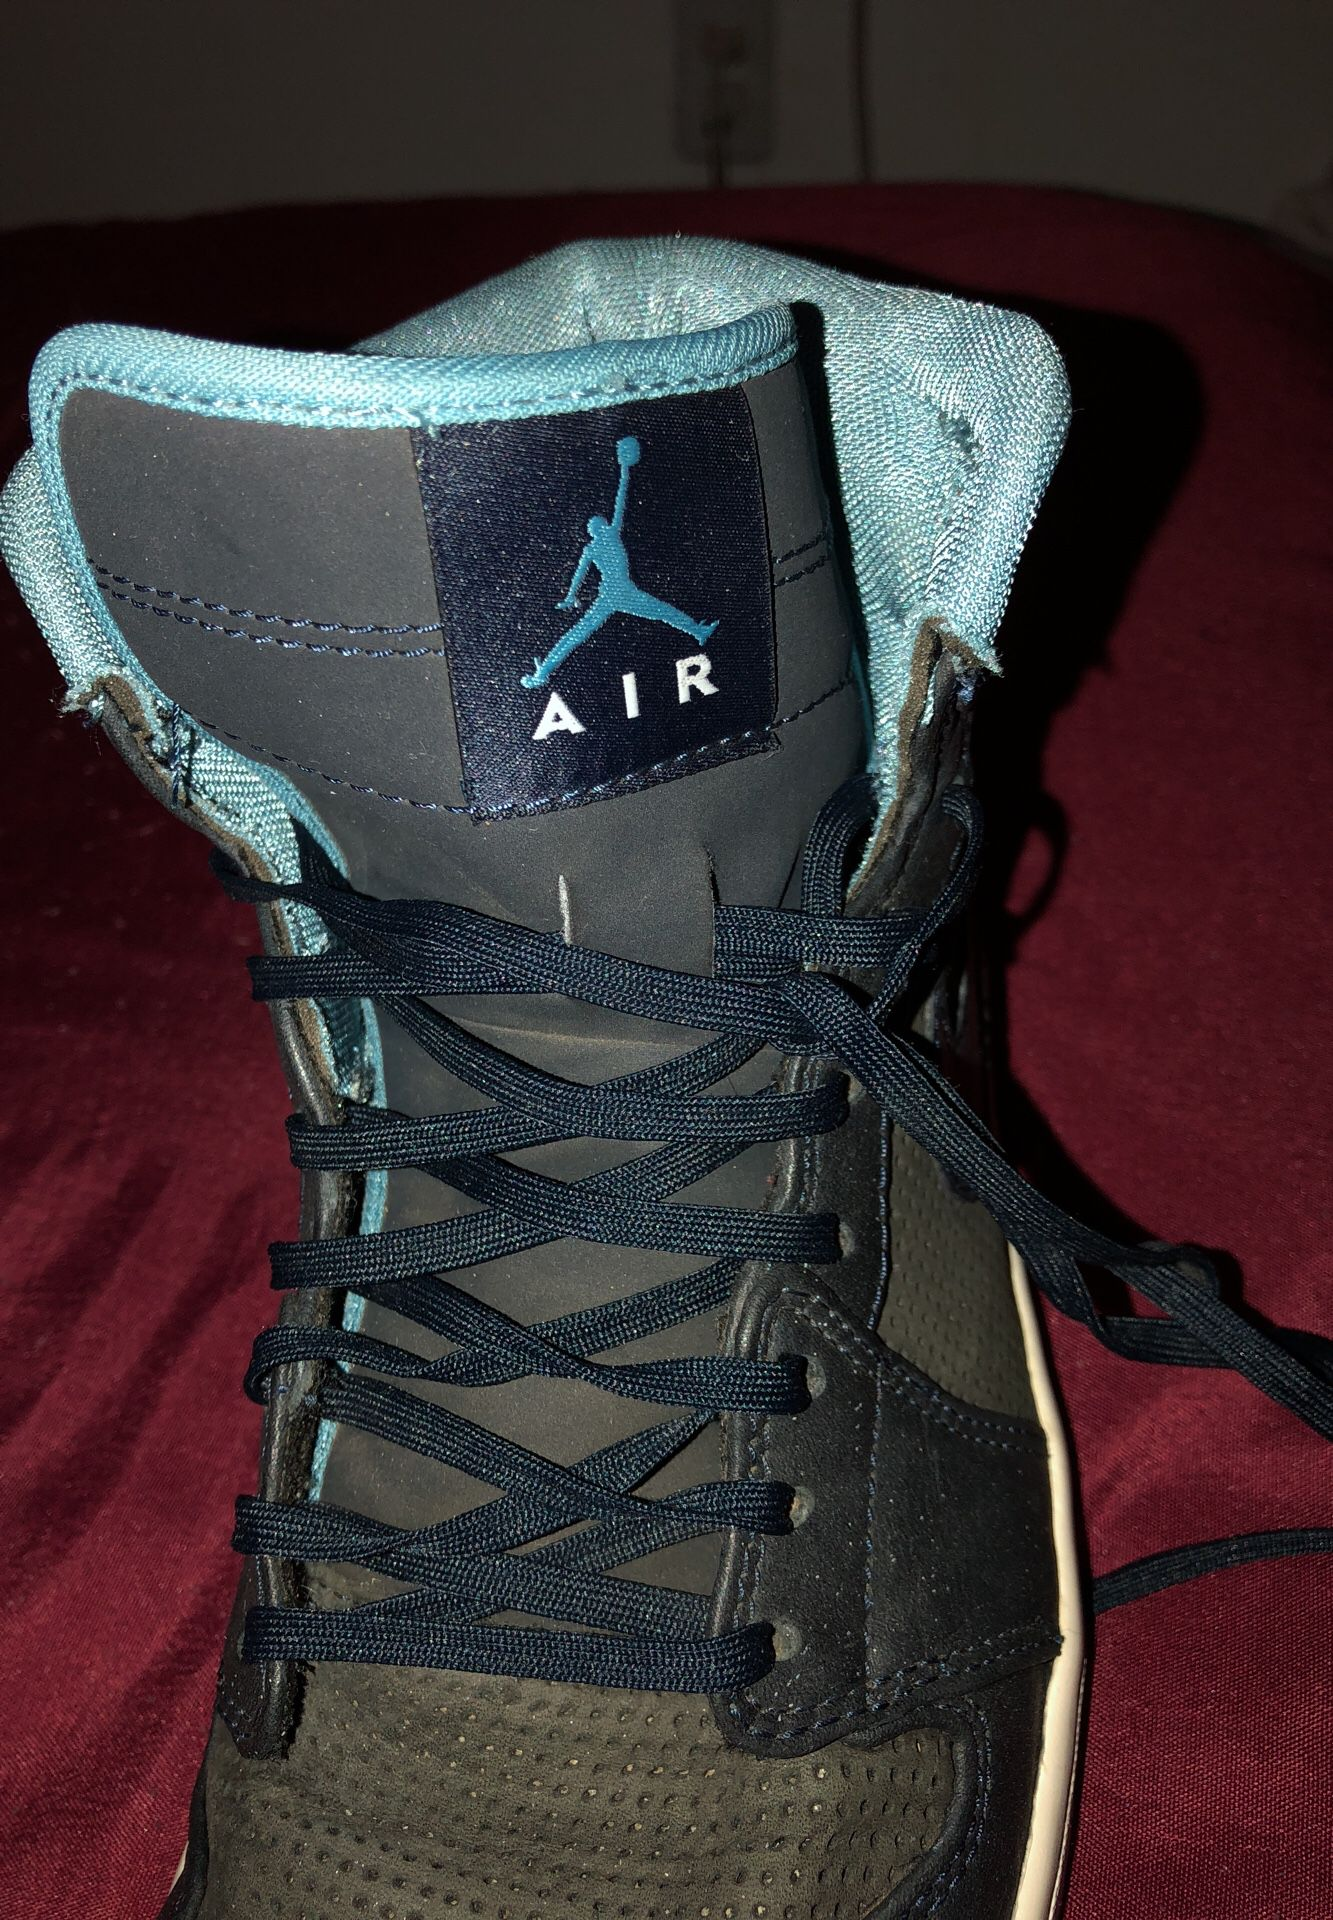 Air Jordan retro 1's